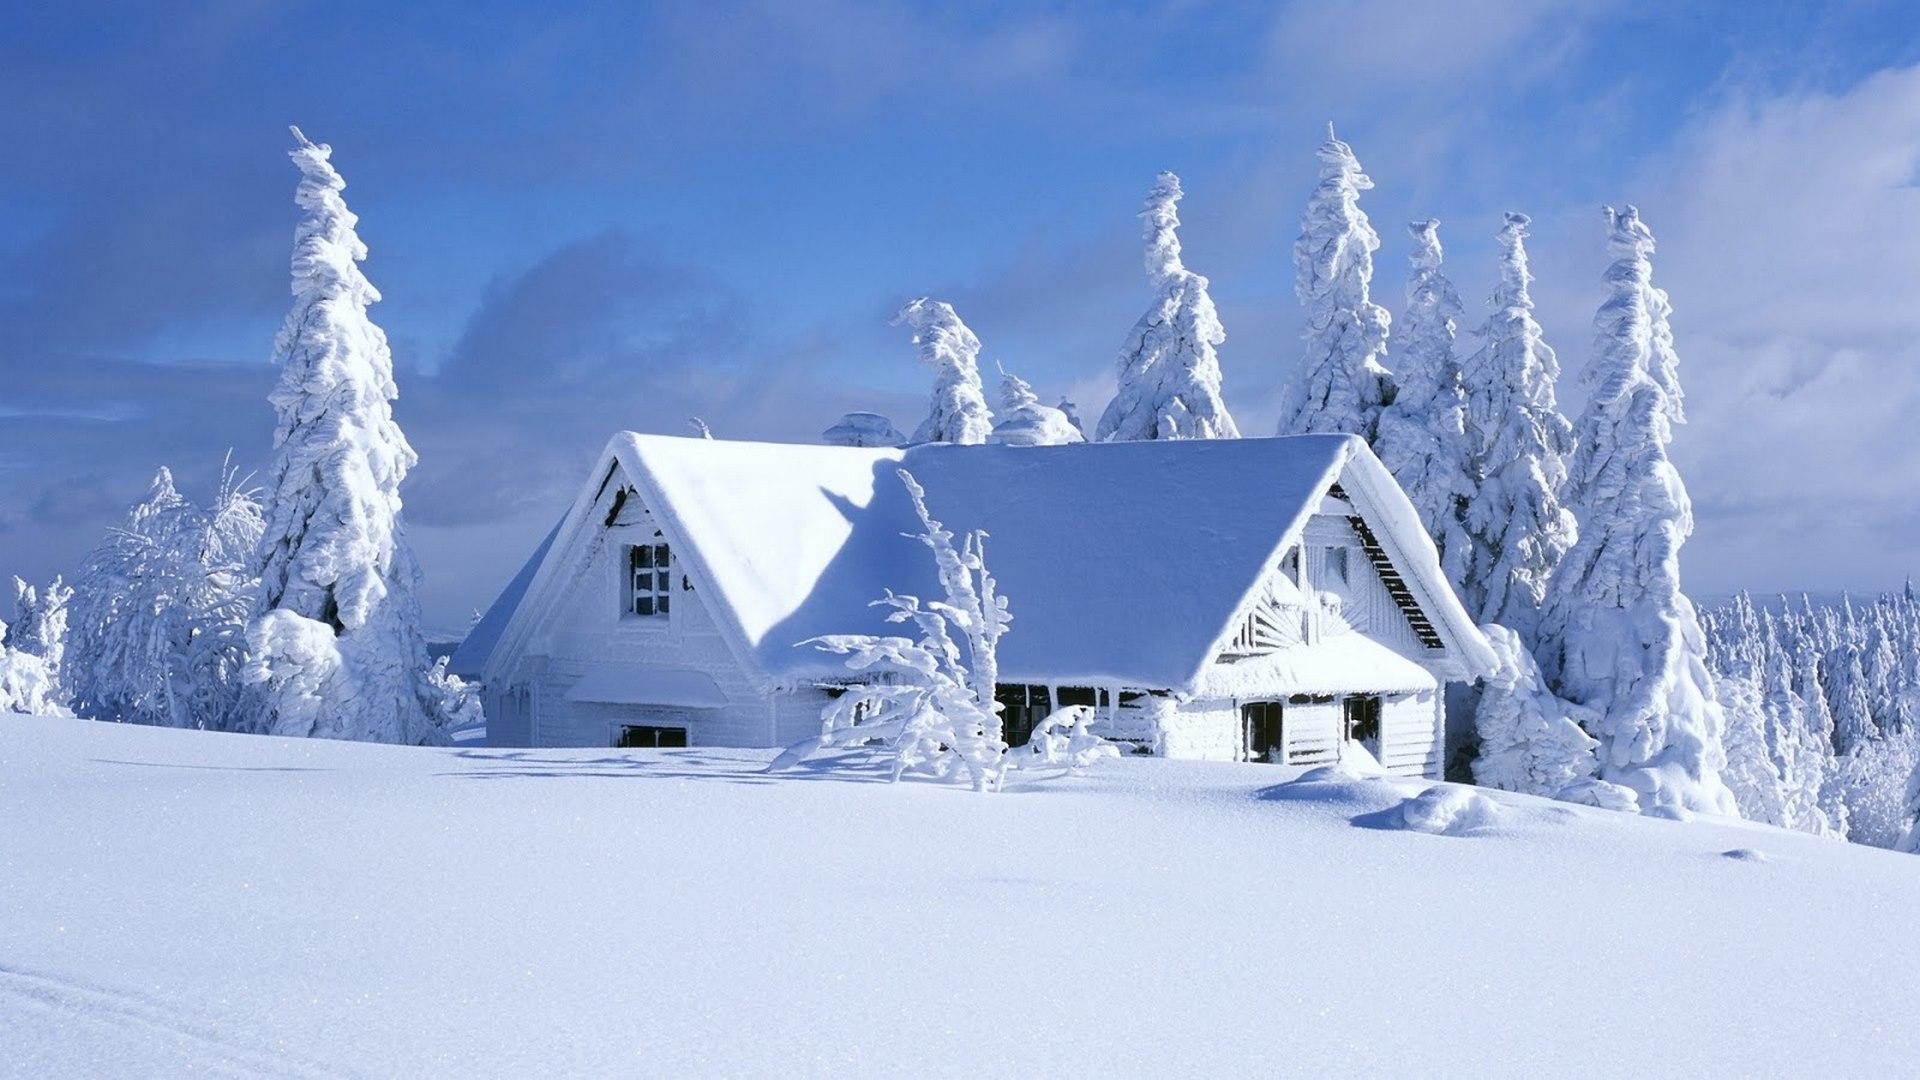 Fondos de pantalla de invierno en FullHD